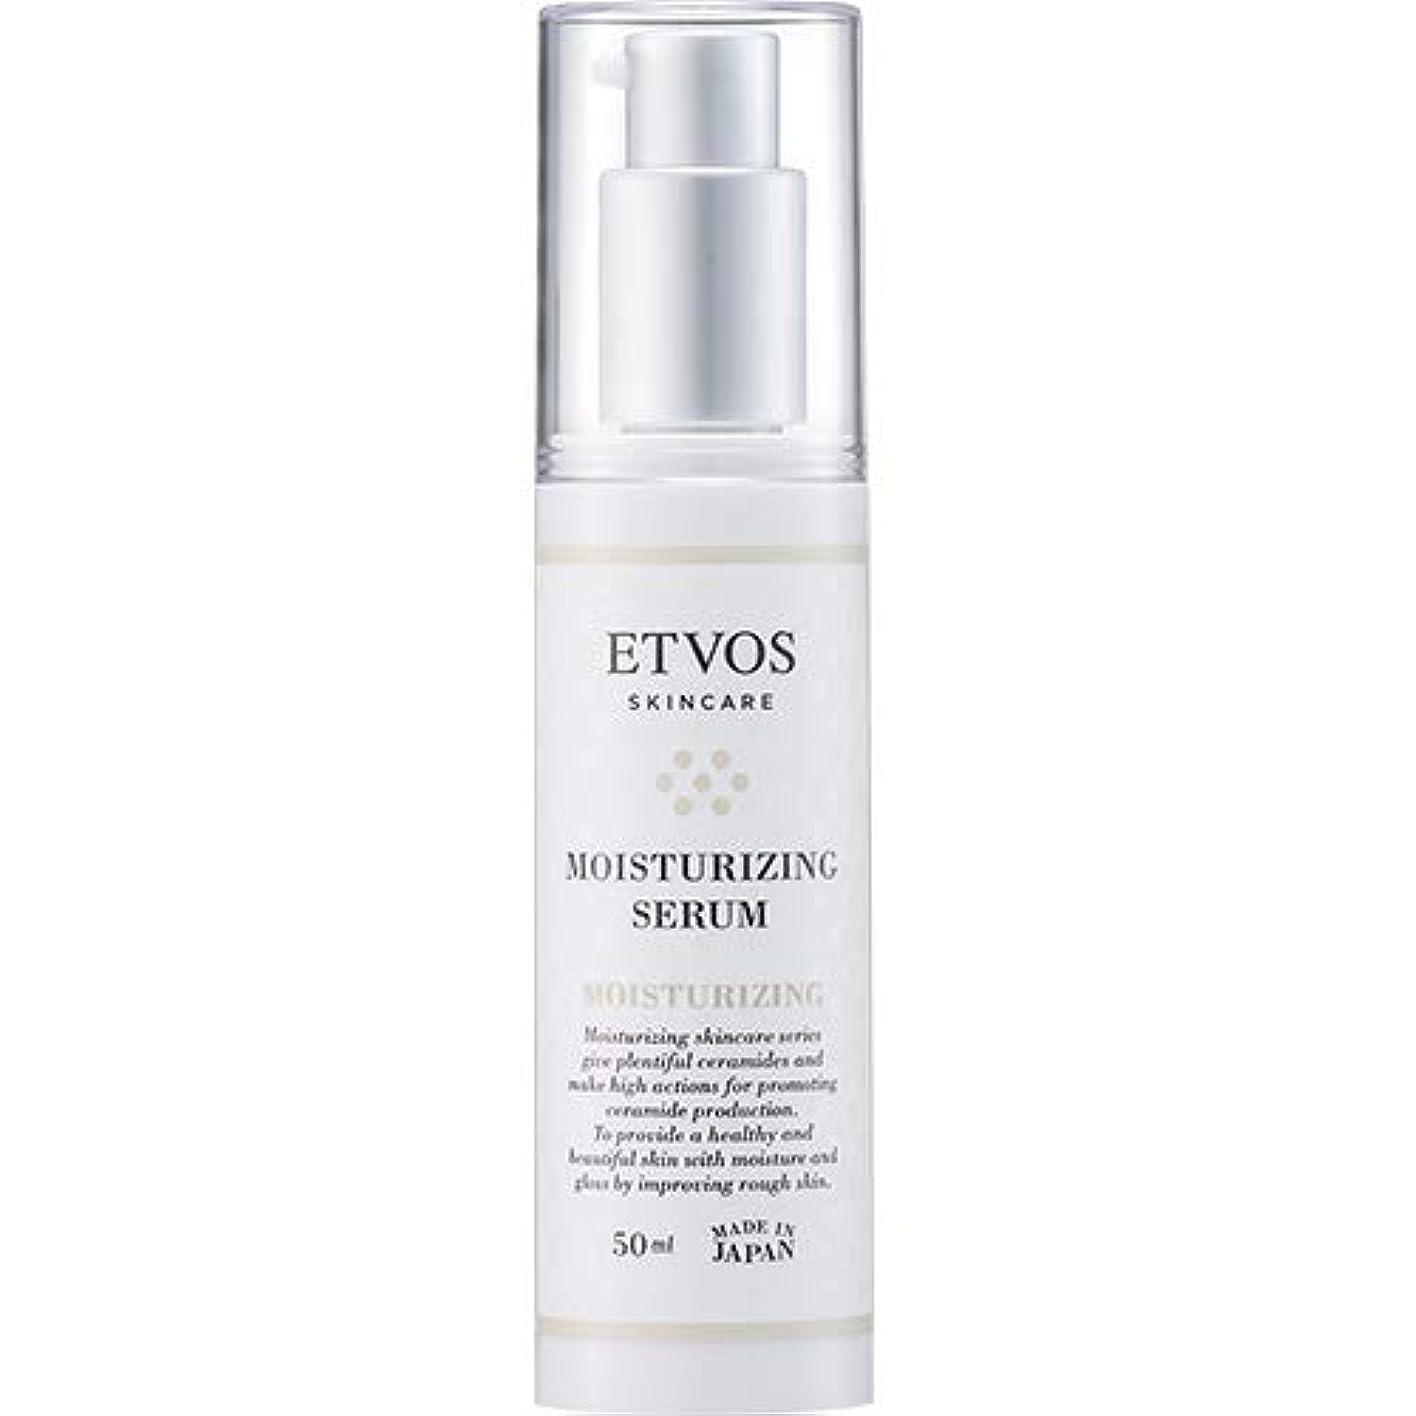 重要なブロンズふざけたETVOS(エトヴォス) 保湿美容液 モイスチャライジングセラム 50ml ヒト型セラミド配合 乾燥肌/敏感肌 乳液